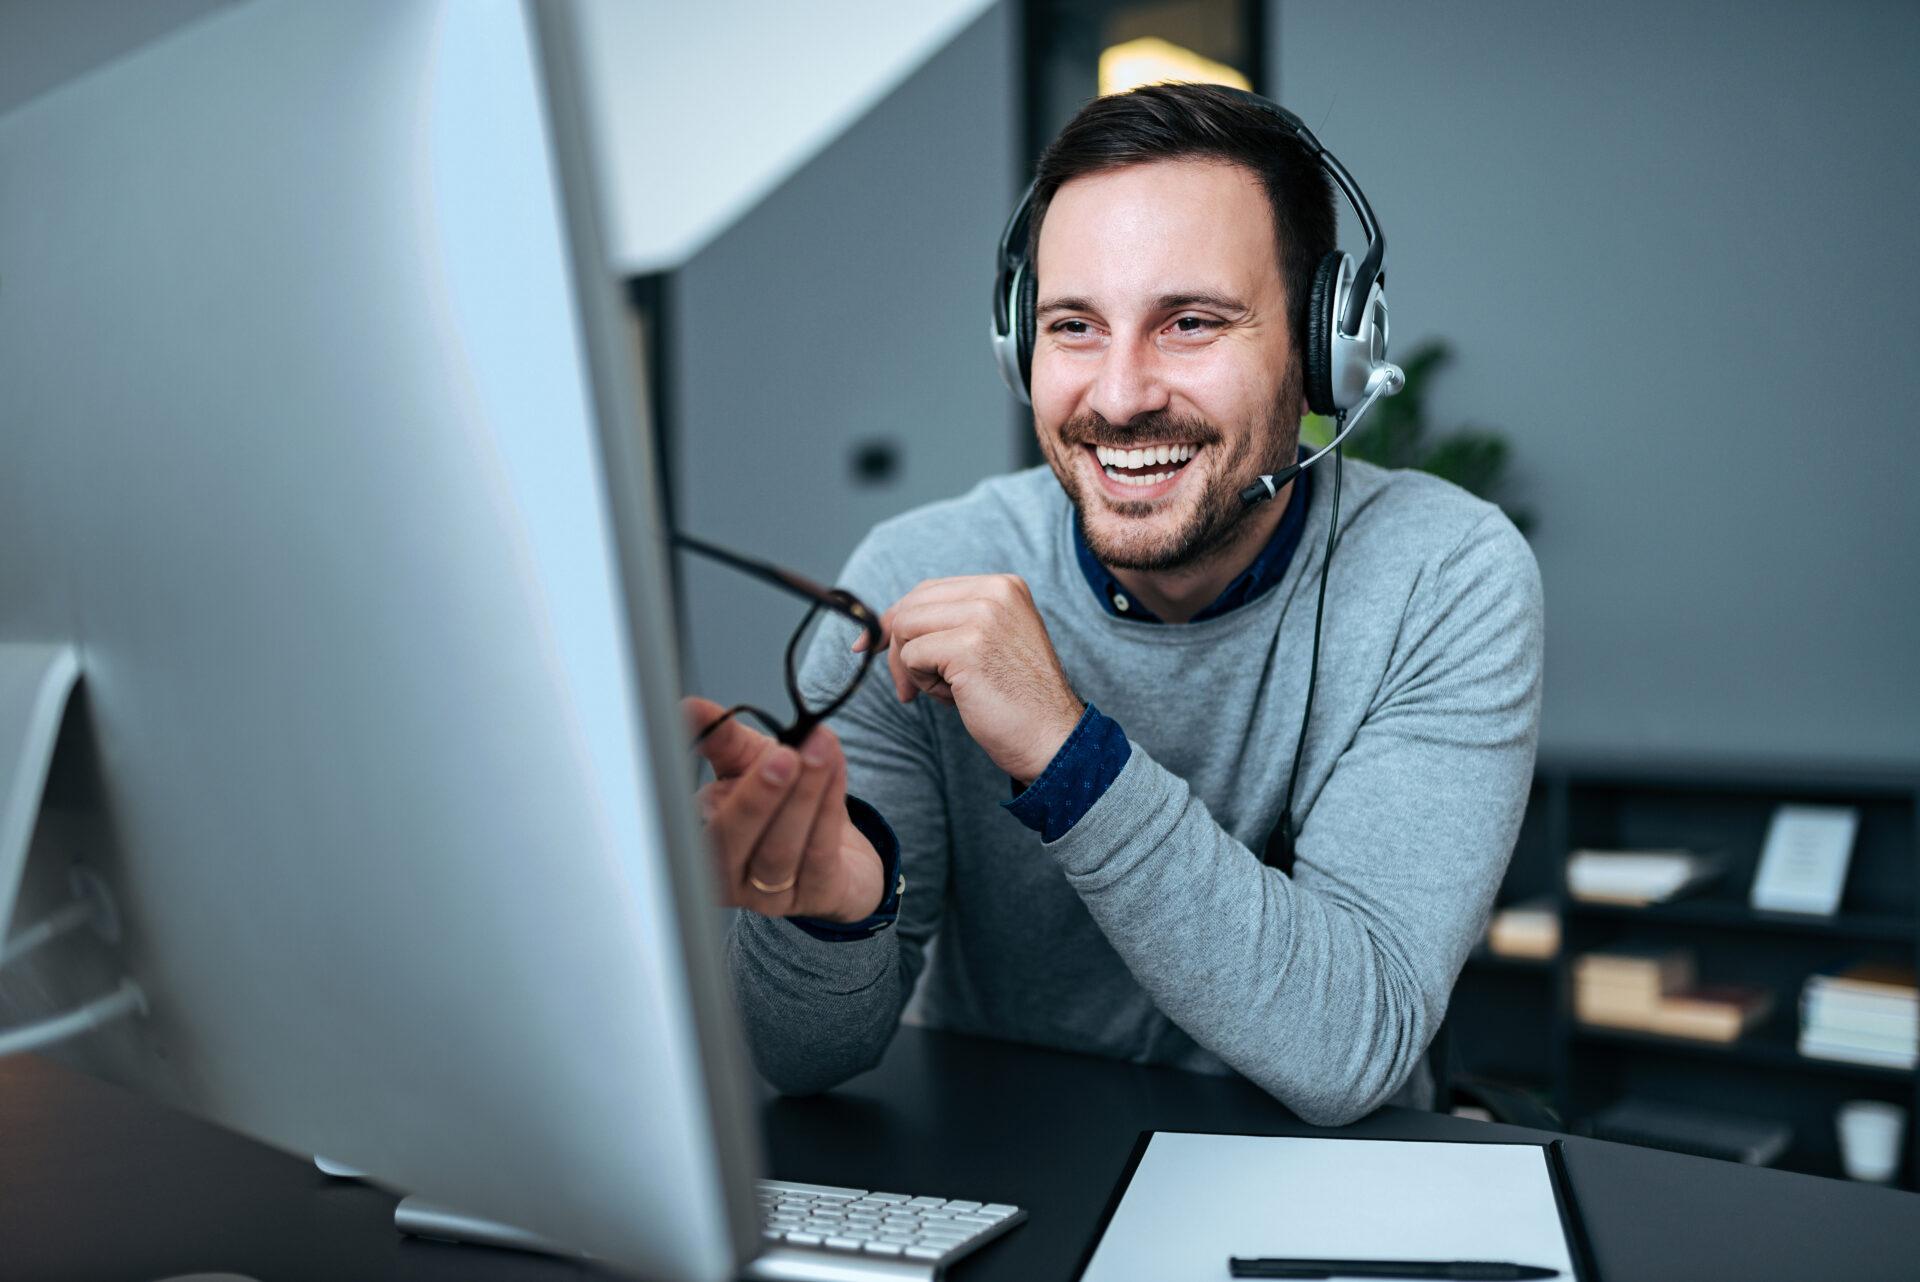 Mann mit Headset lacht und schaut in den Bildschirm